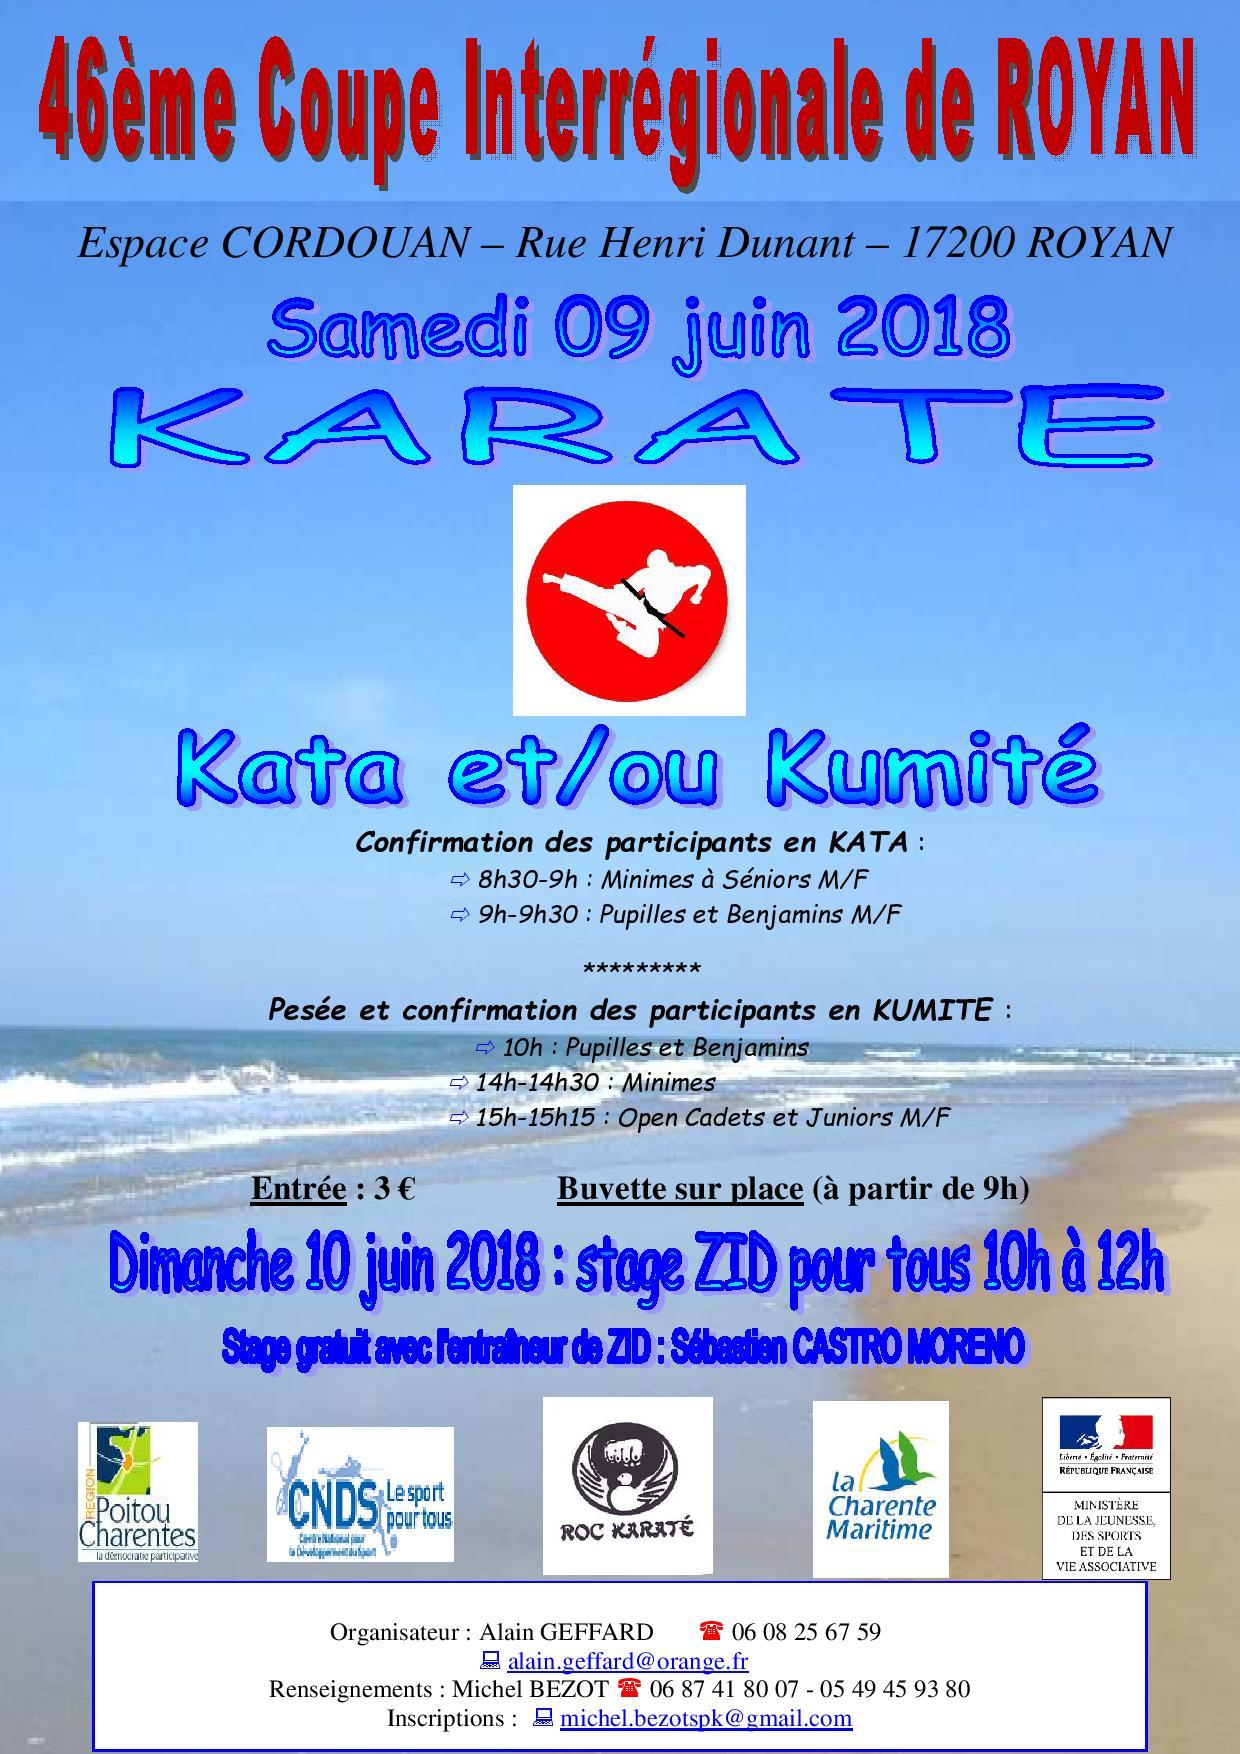 Affiche 46eme coupe de royan samedi 09 juin 2018 page 001